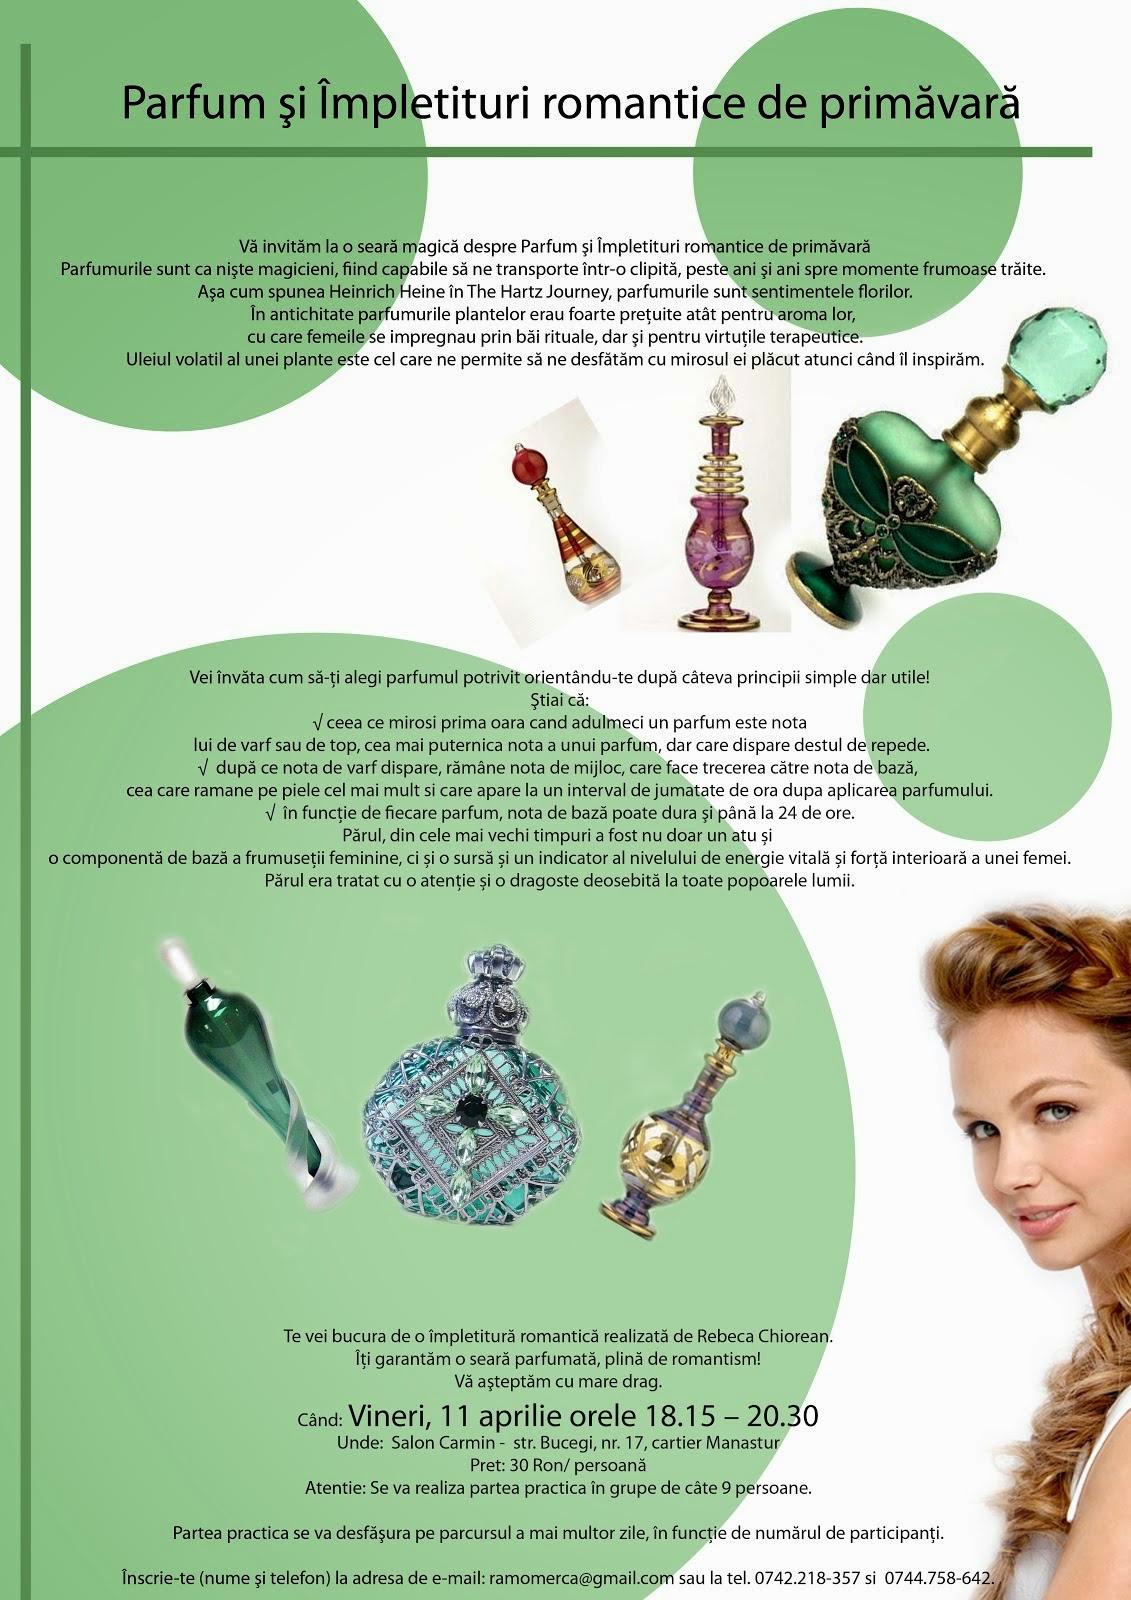 workshop: Parfum şi Împletituri romantice de primăvară, 11 aprilie Cluj-Napoca ora 18.15 - 20.30